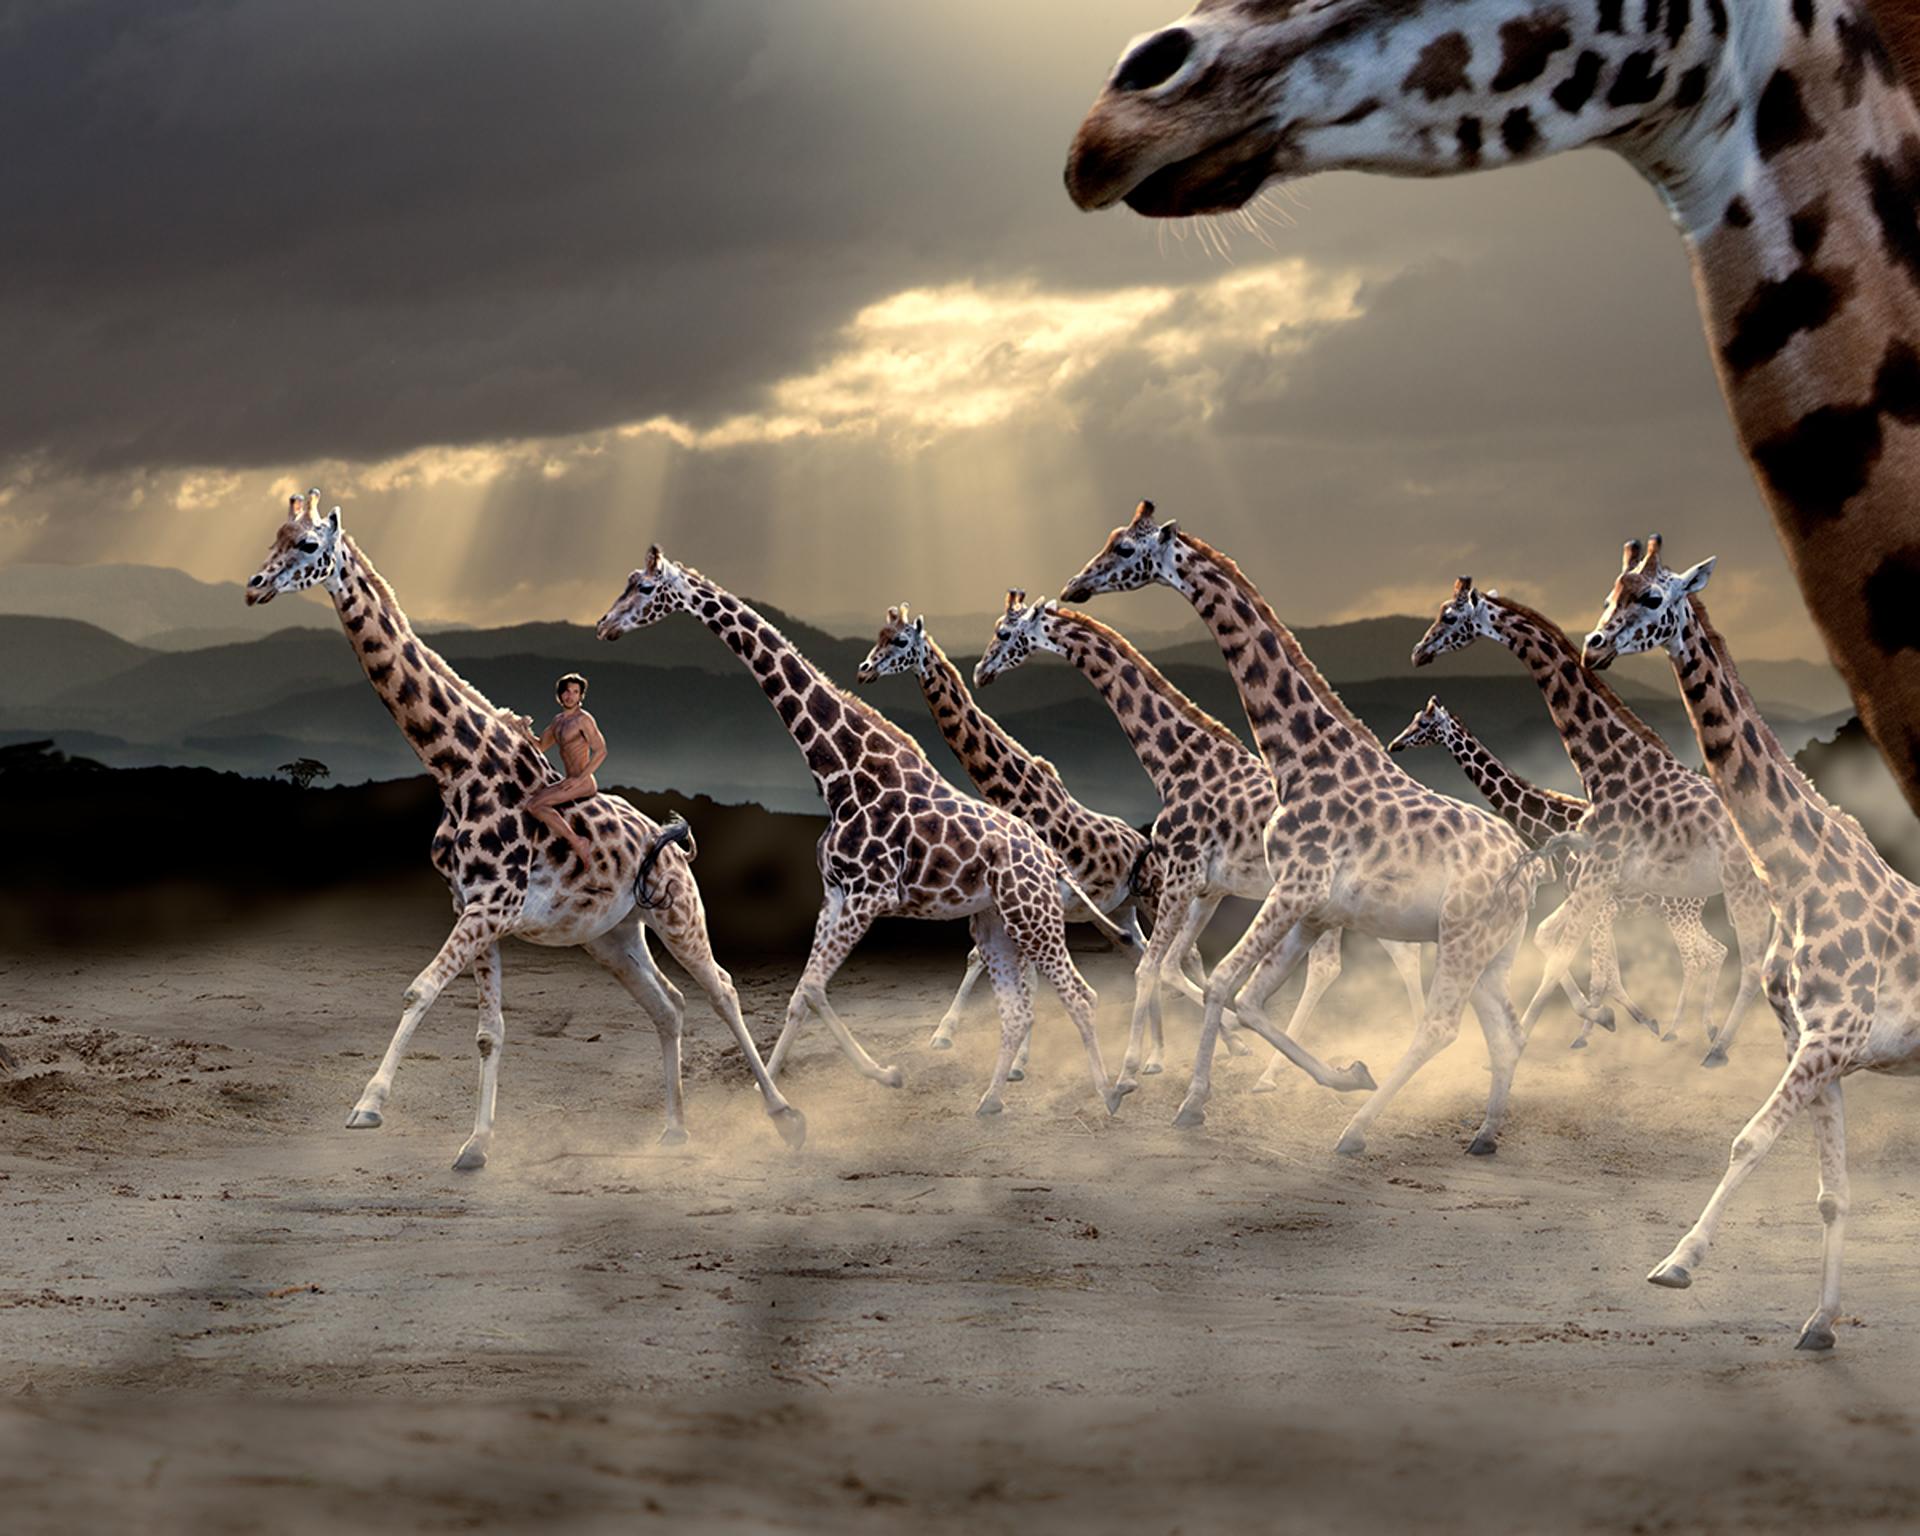 man riding giraffes